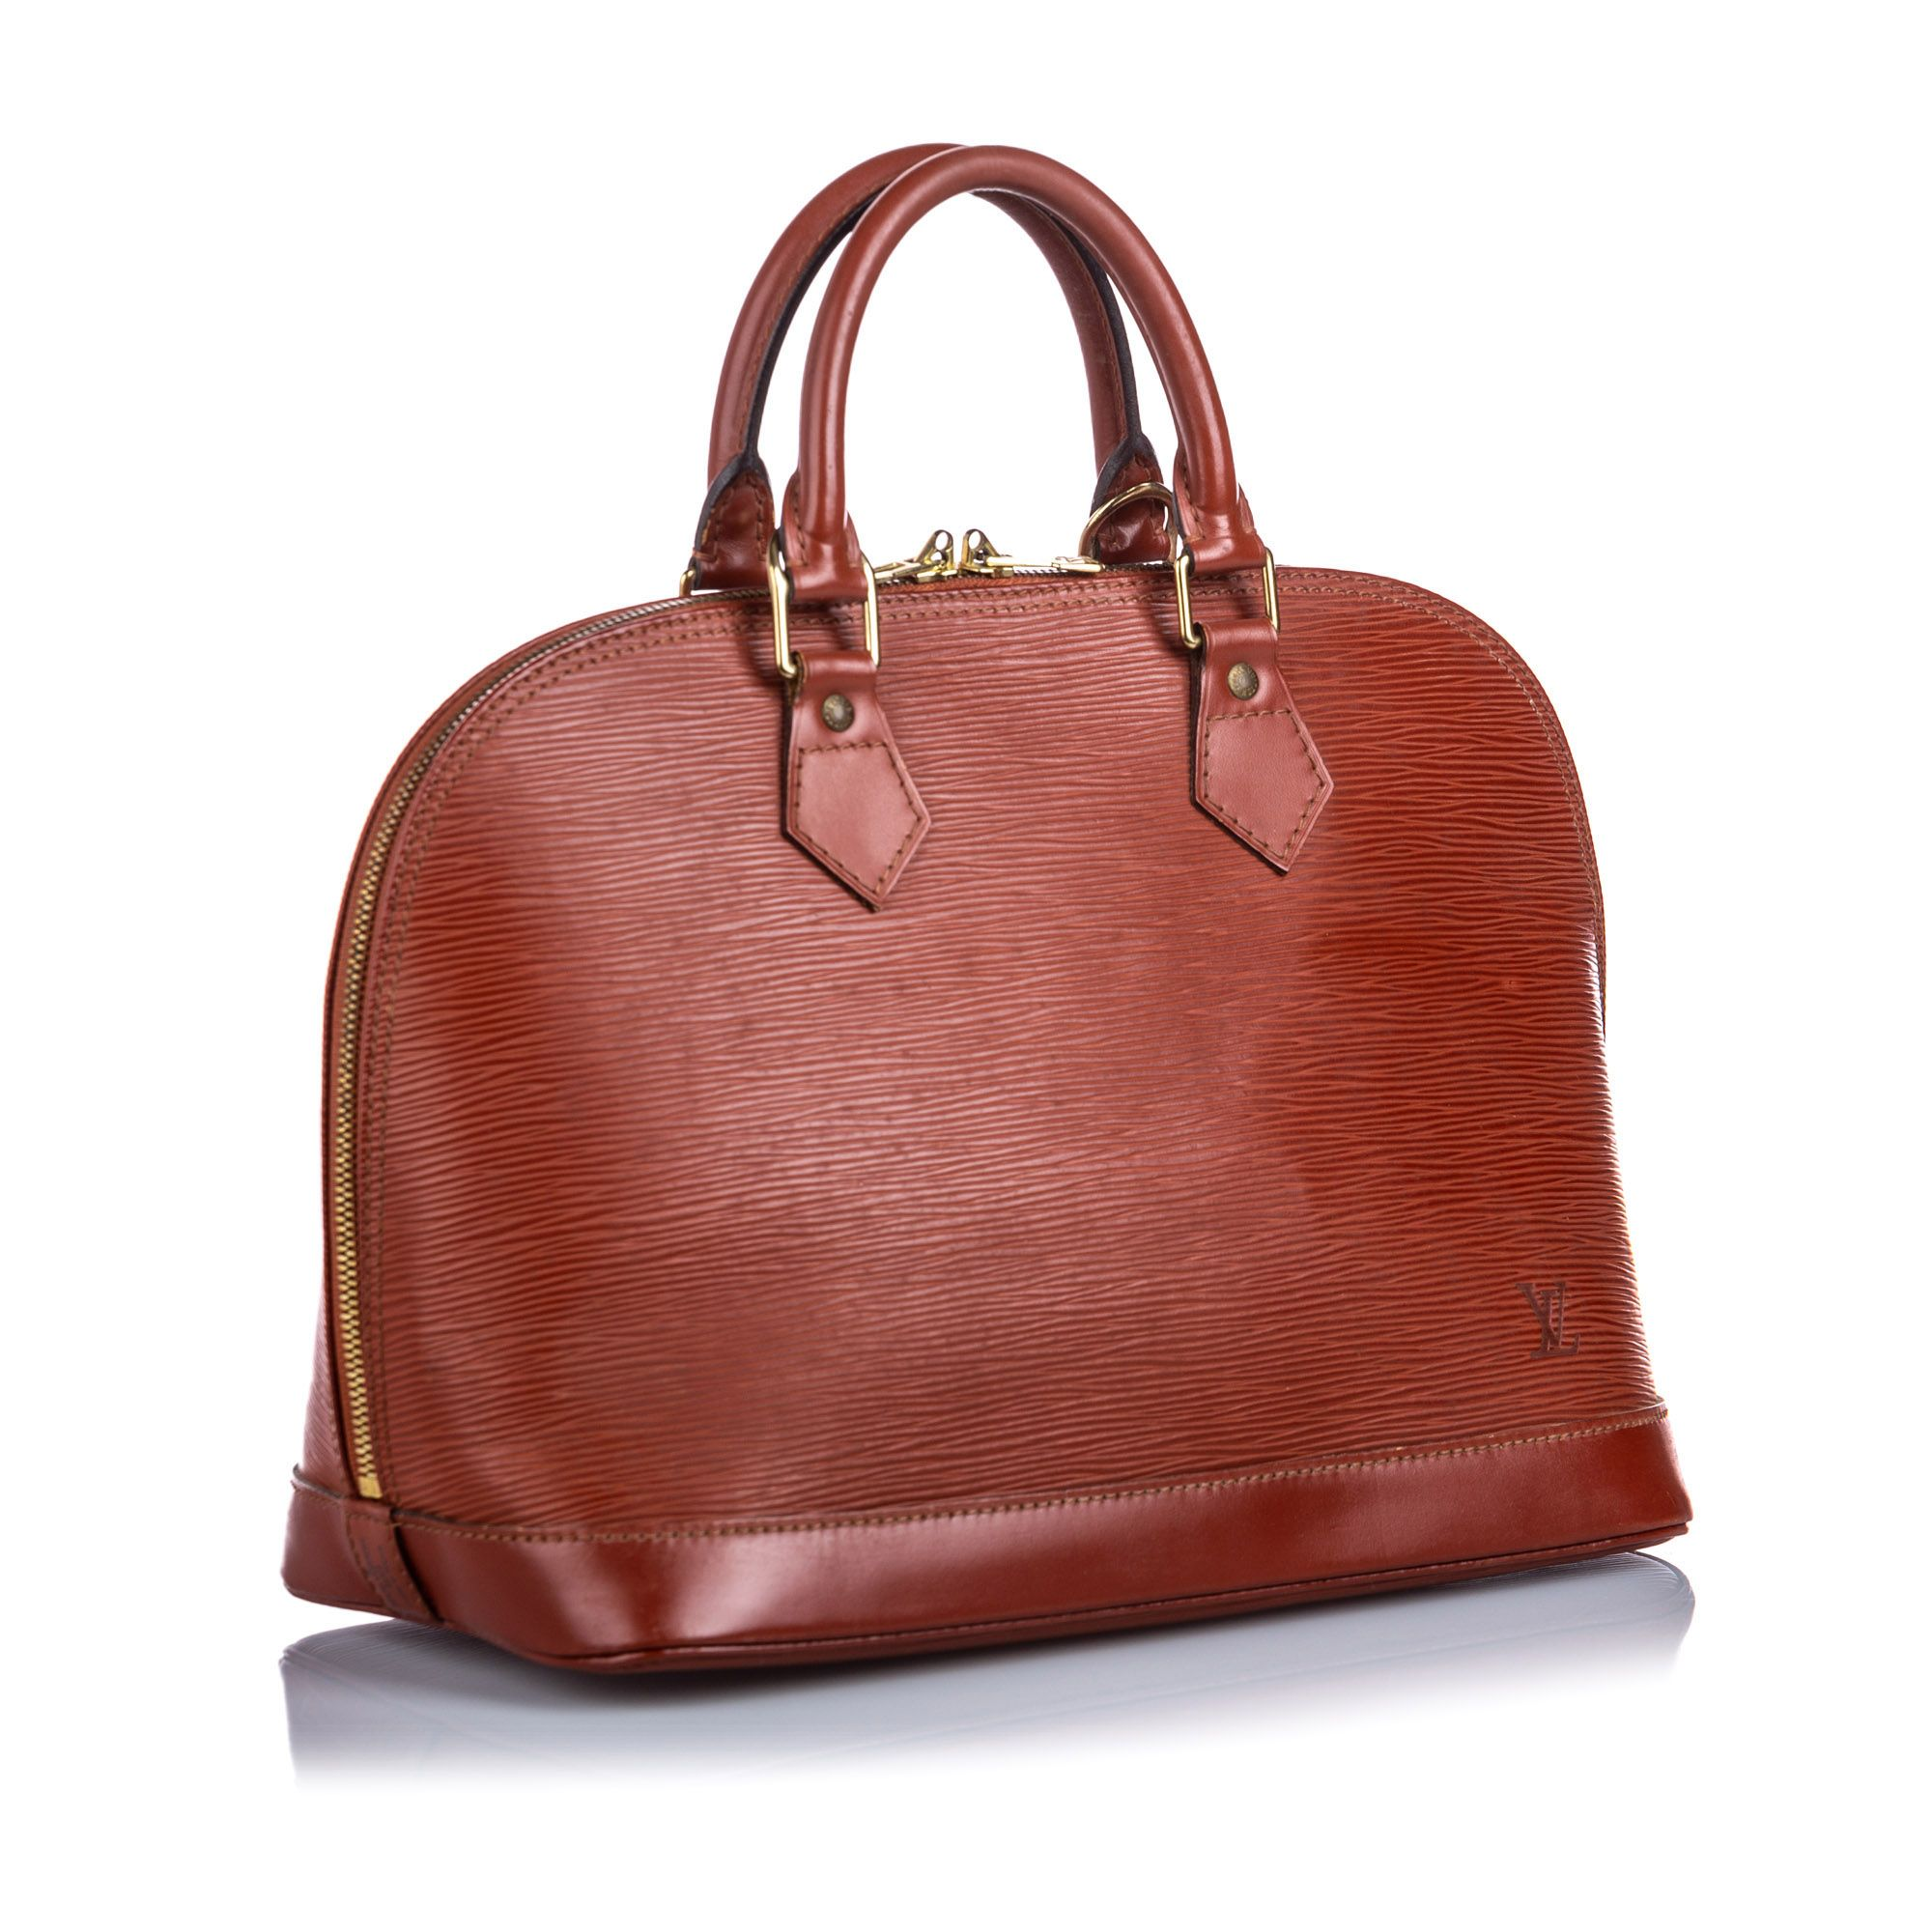 Vintage Louis Vuitton Epi Alma PM Brown